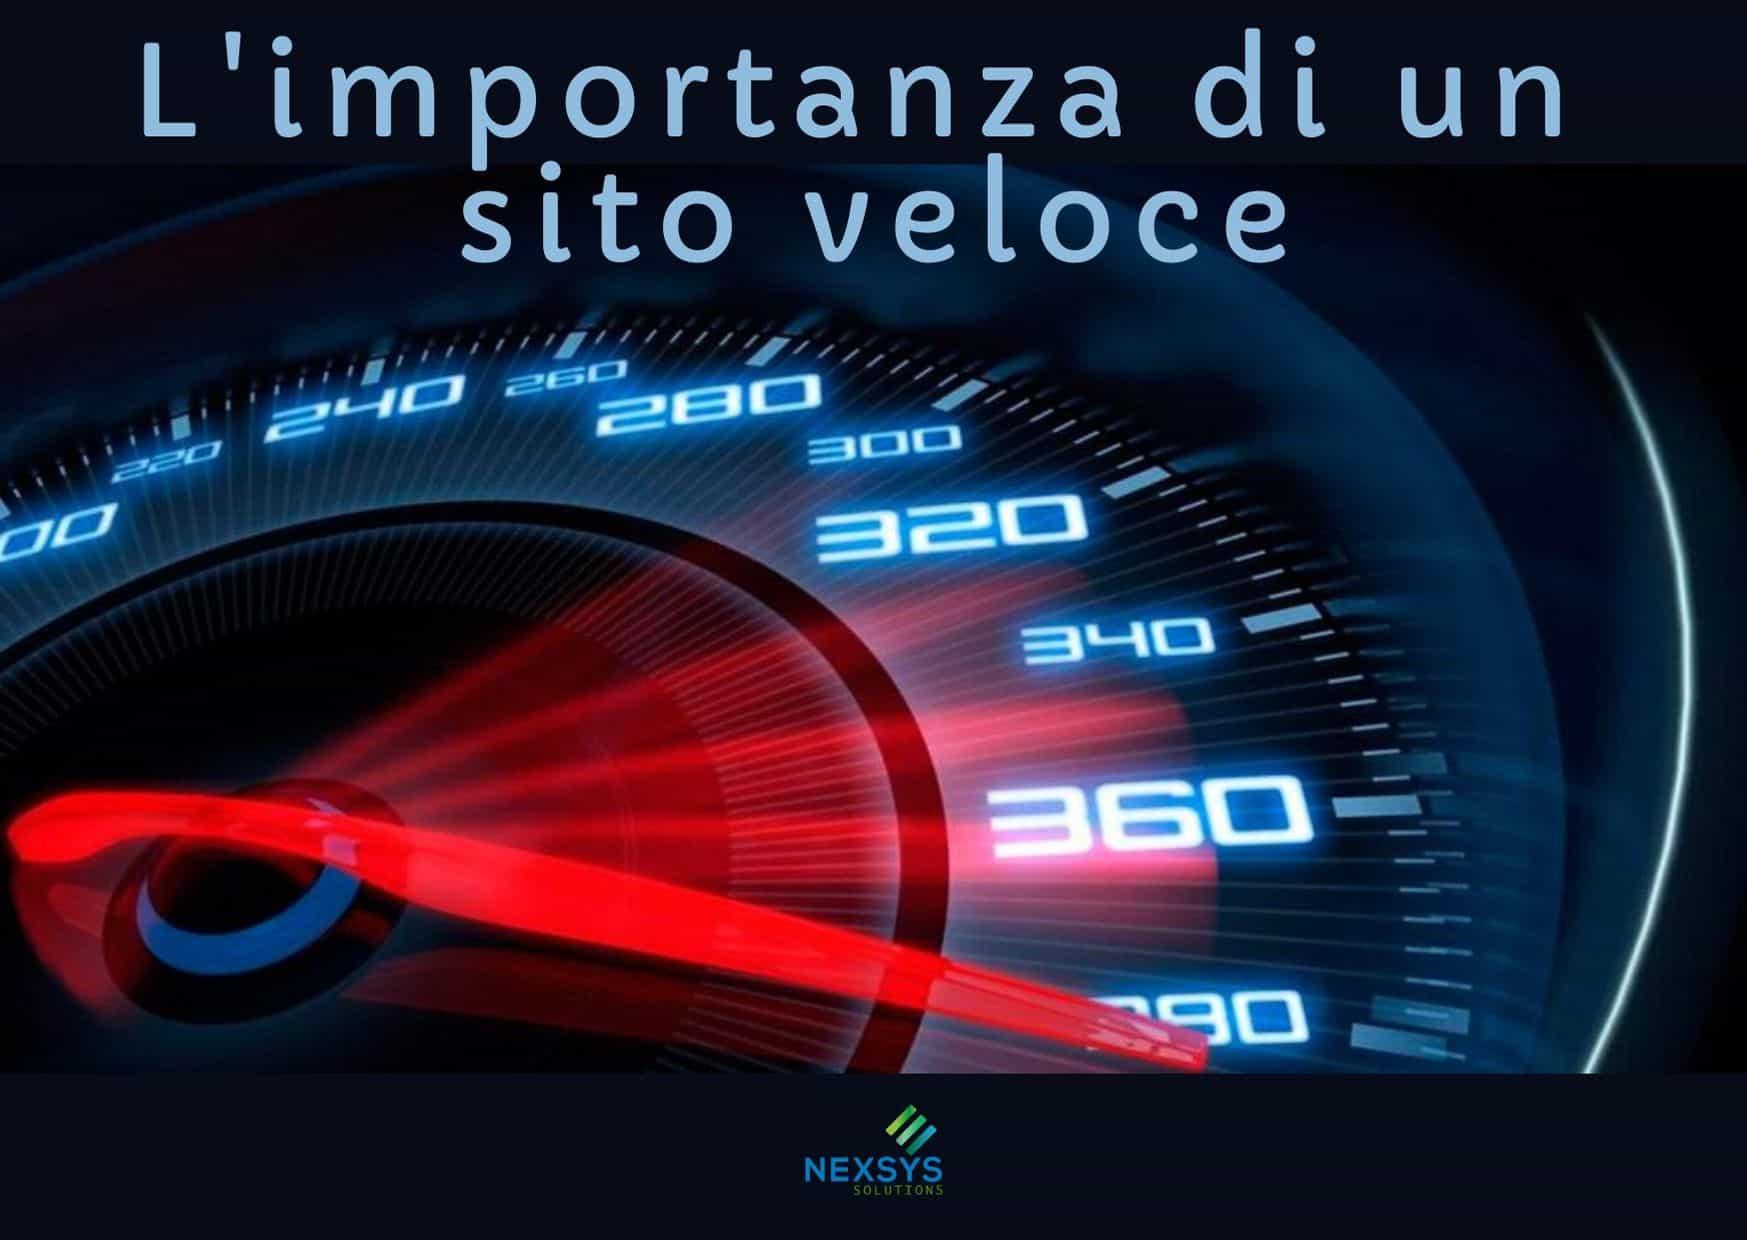 L'importanza della velocità di un sito web